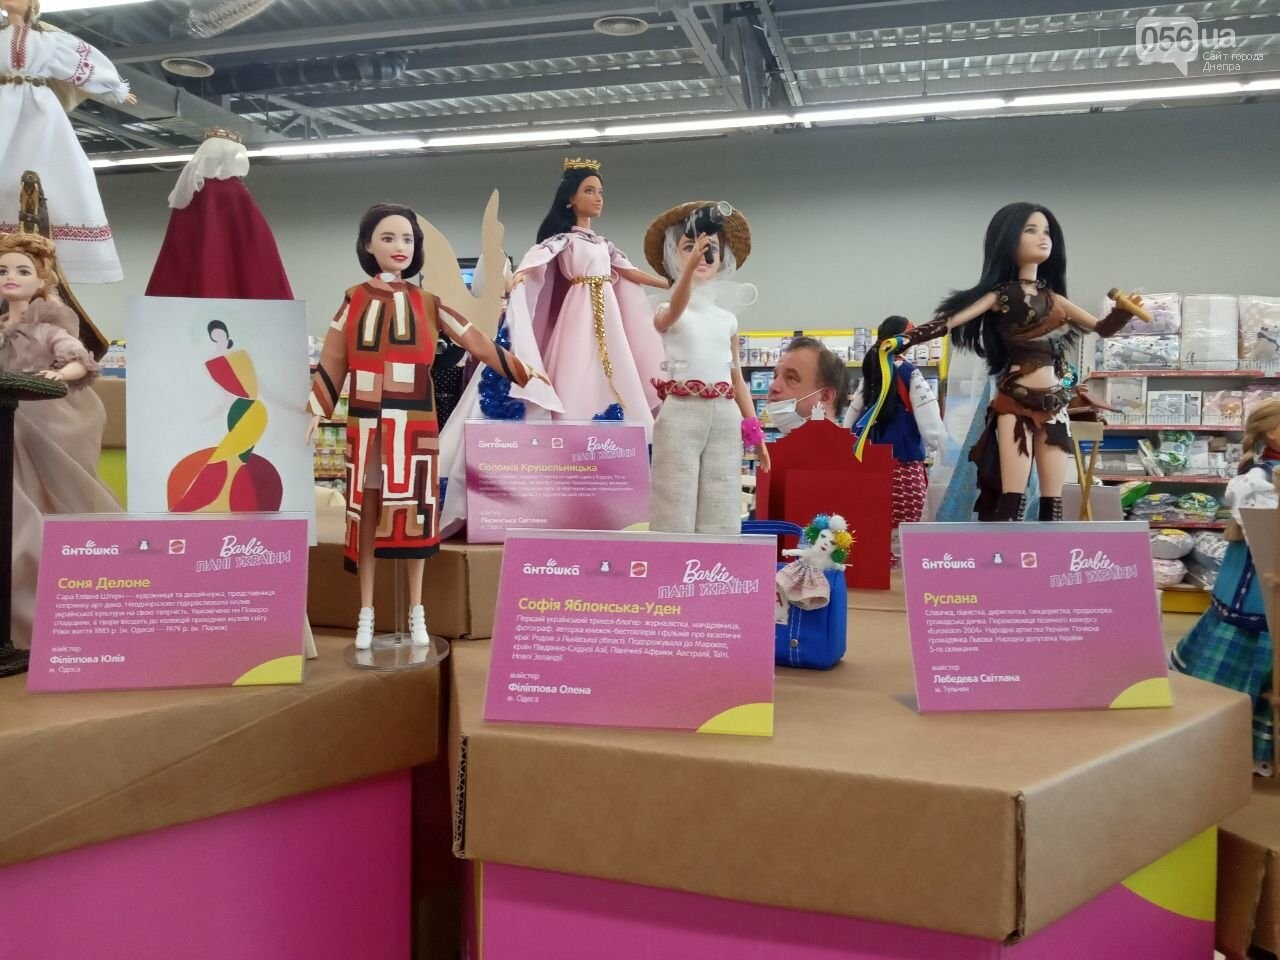 В Днепре продолжают гостить куклы Barbie, - ФОТО, фото-2